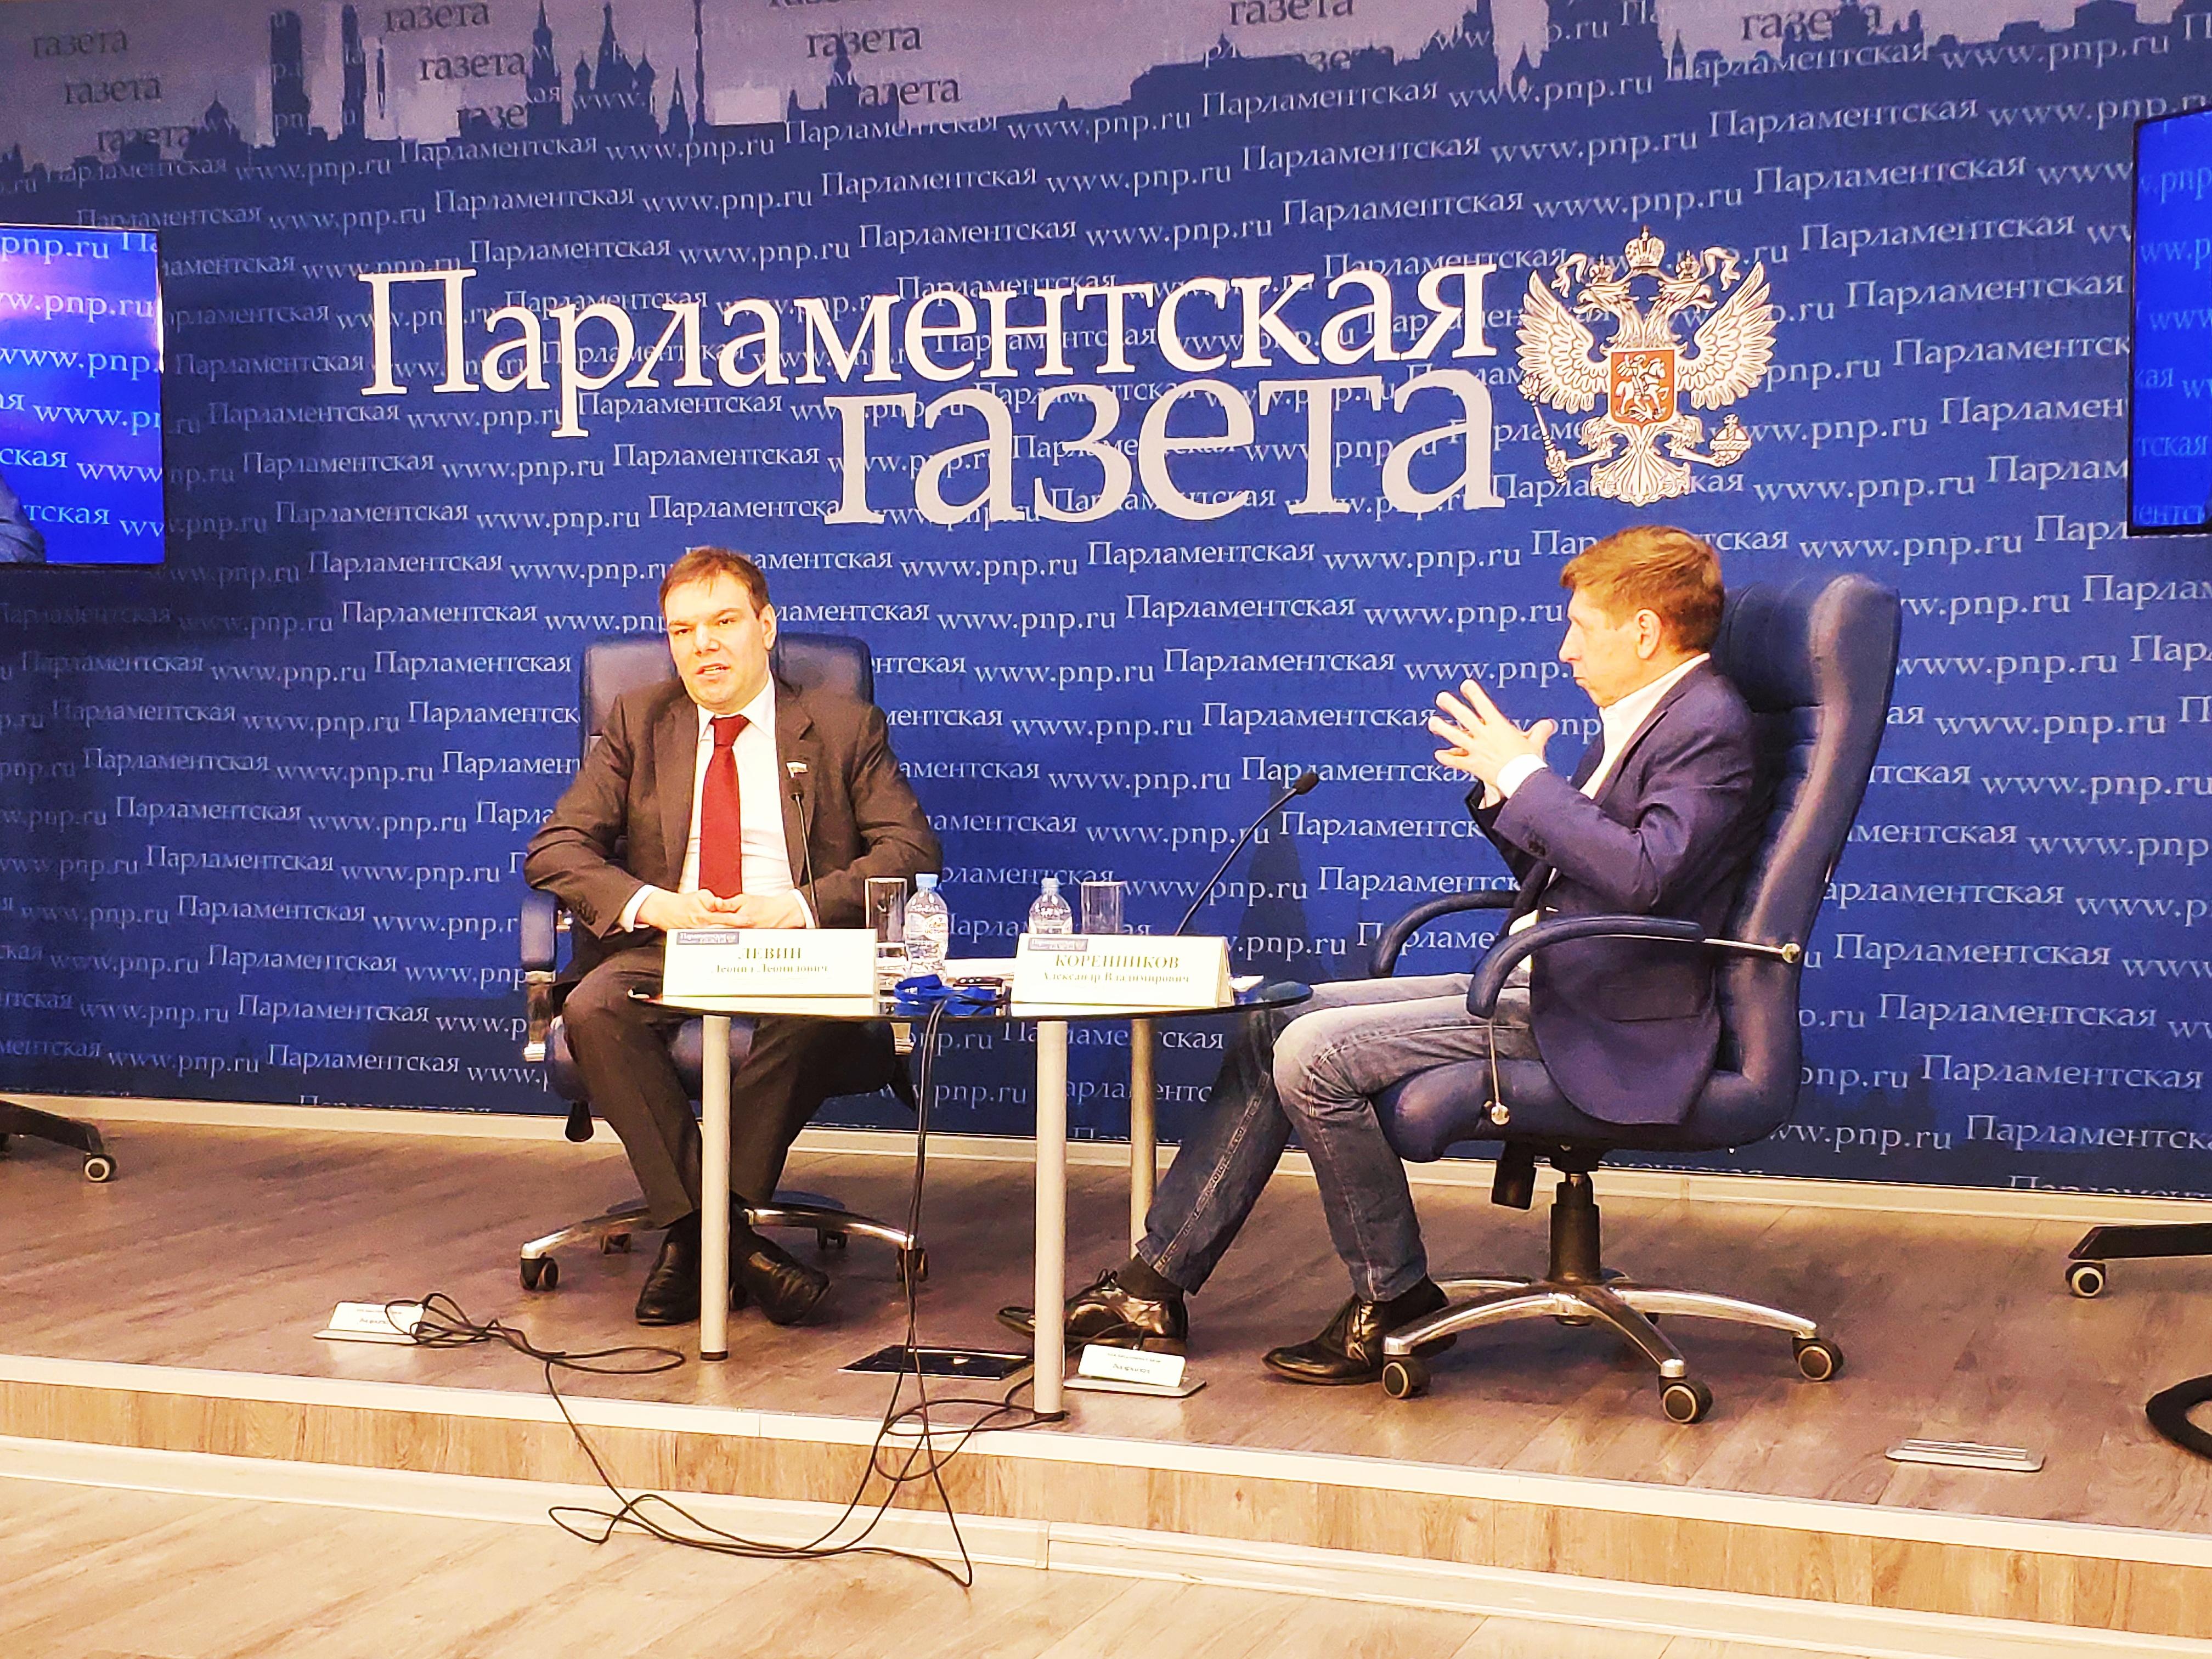 Леонид Левин: интернет надежный или суверенный